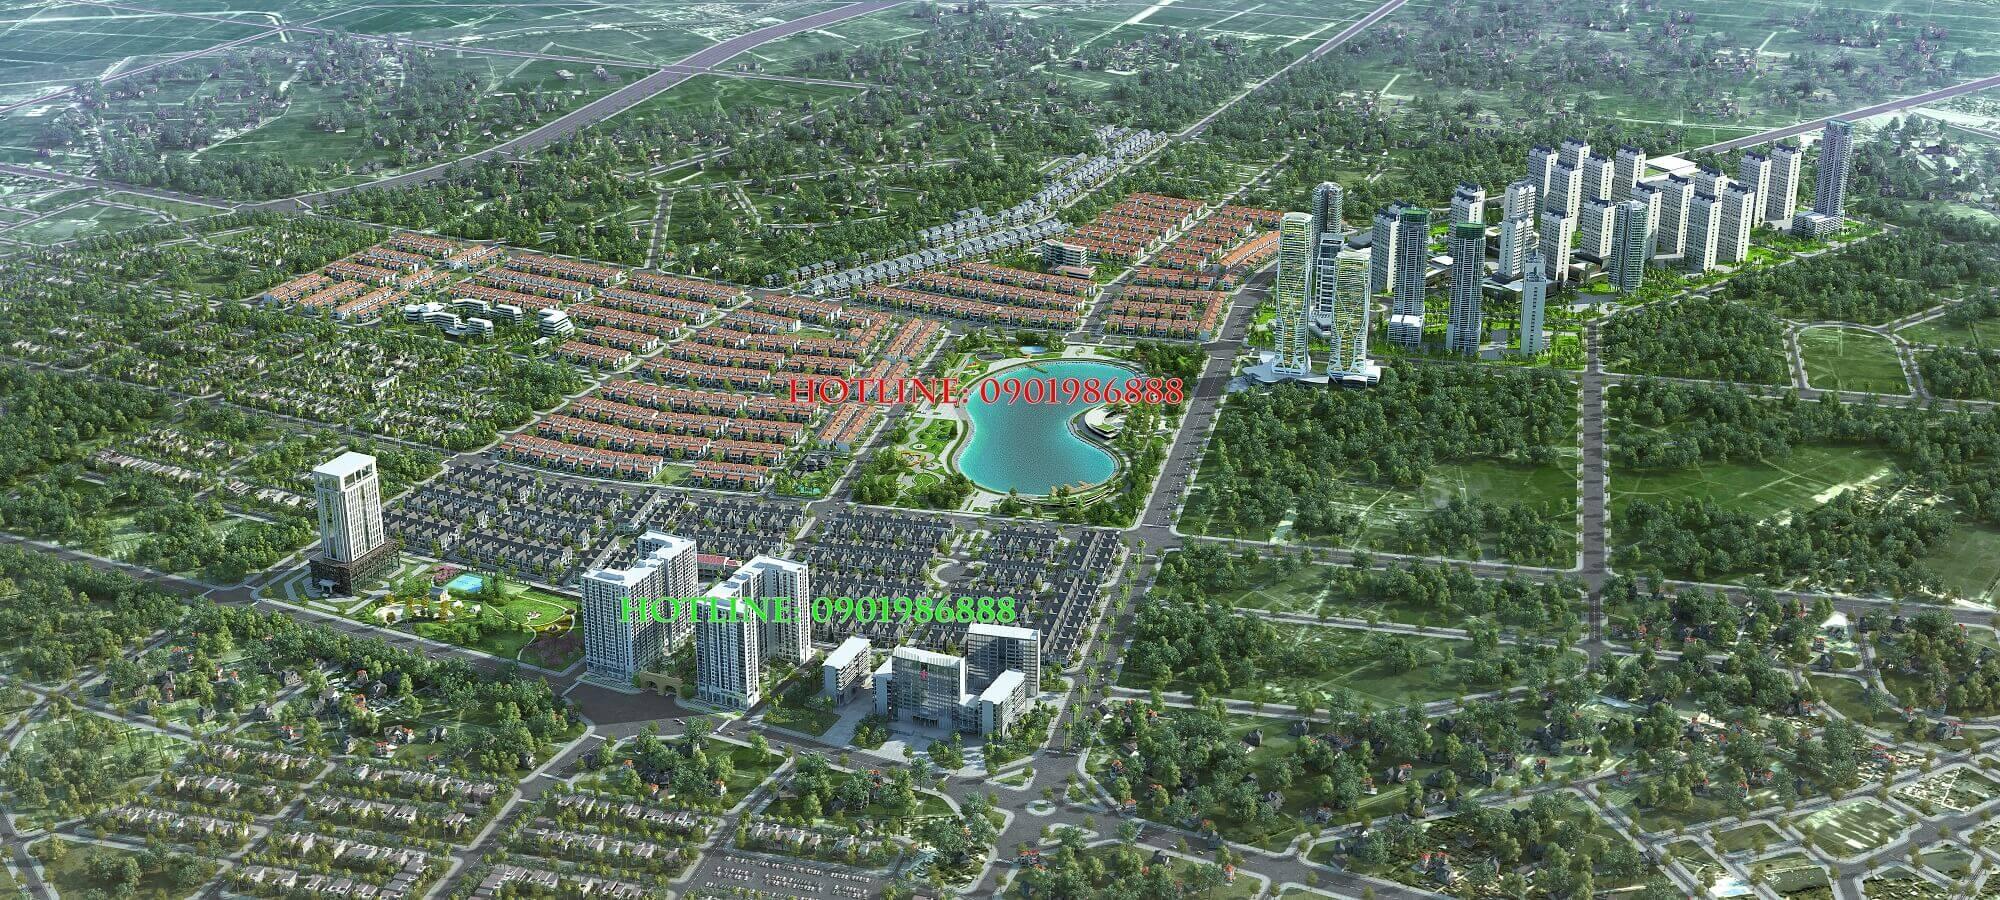 Chung cư AnLand Nam Cường tọa lạc tại khu đô thị Dương Nội do tập đoàn Nam Cường làm chủ đầu tư